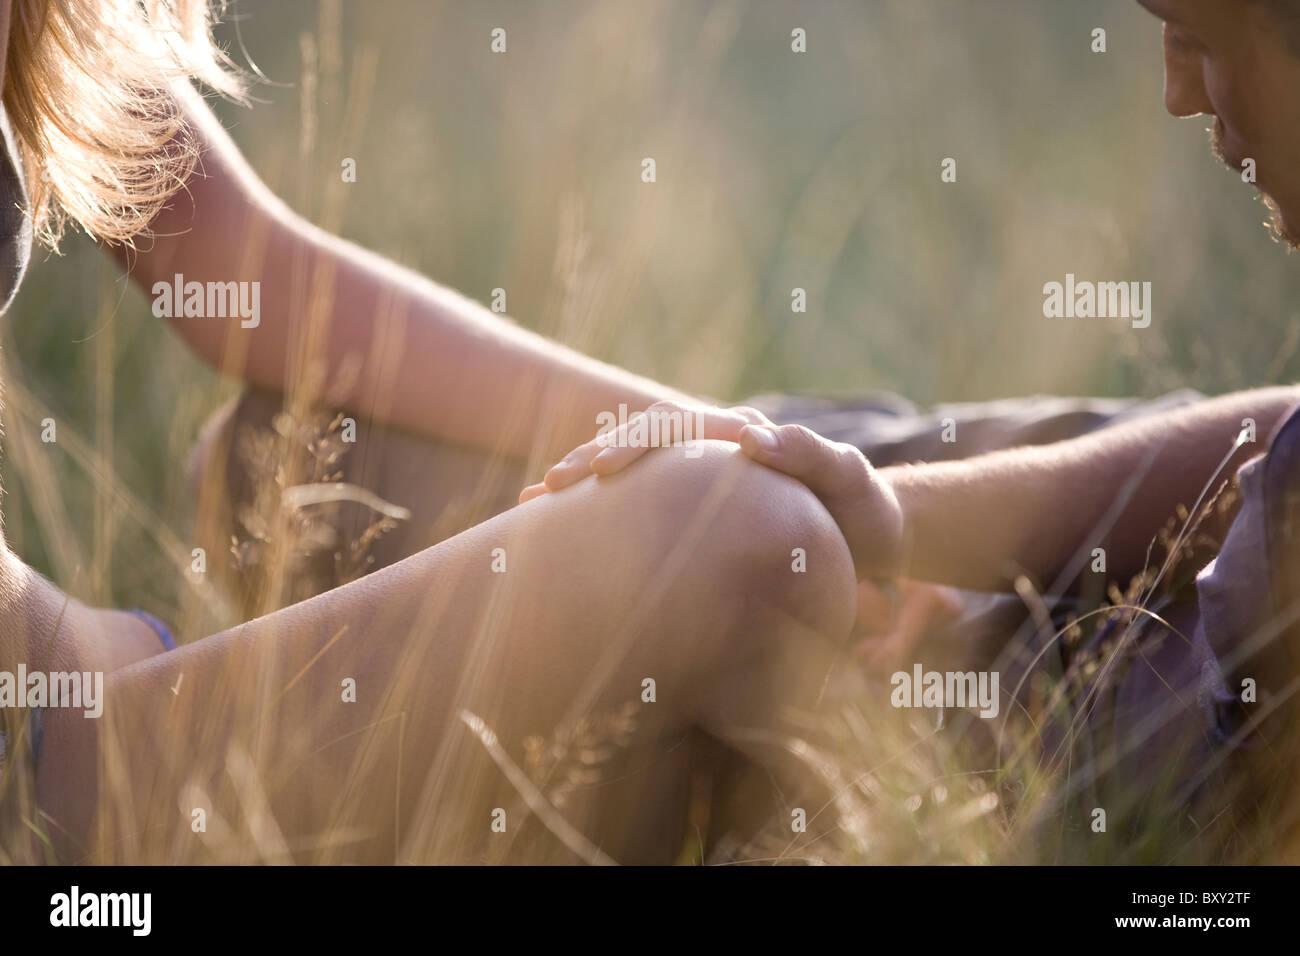 Pormenor de um jovem casal no exterior, mans mão sobre o joelho feminino Imagens de Stock